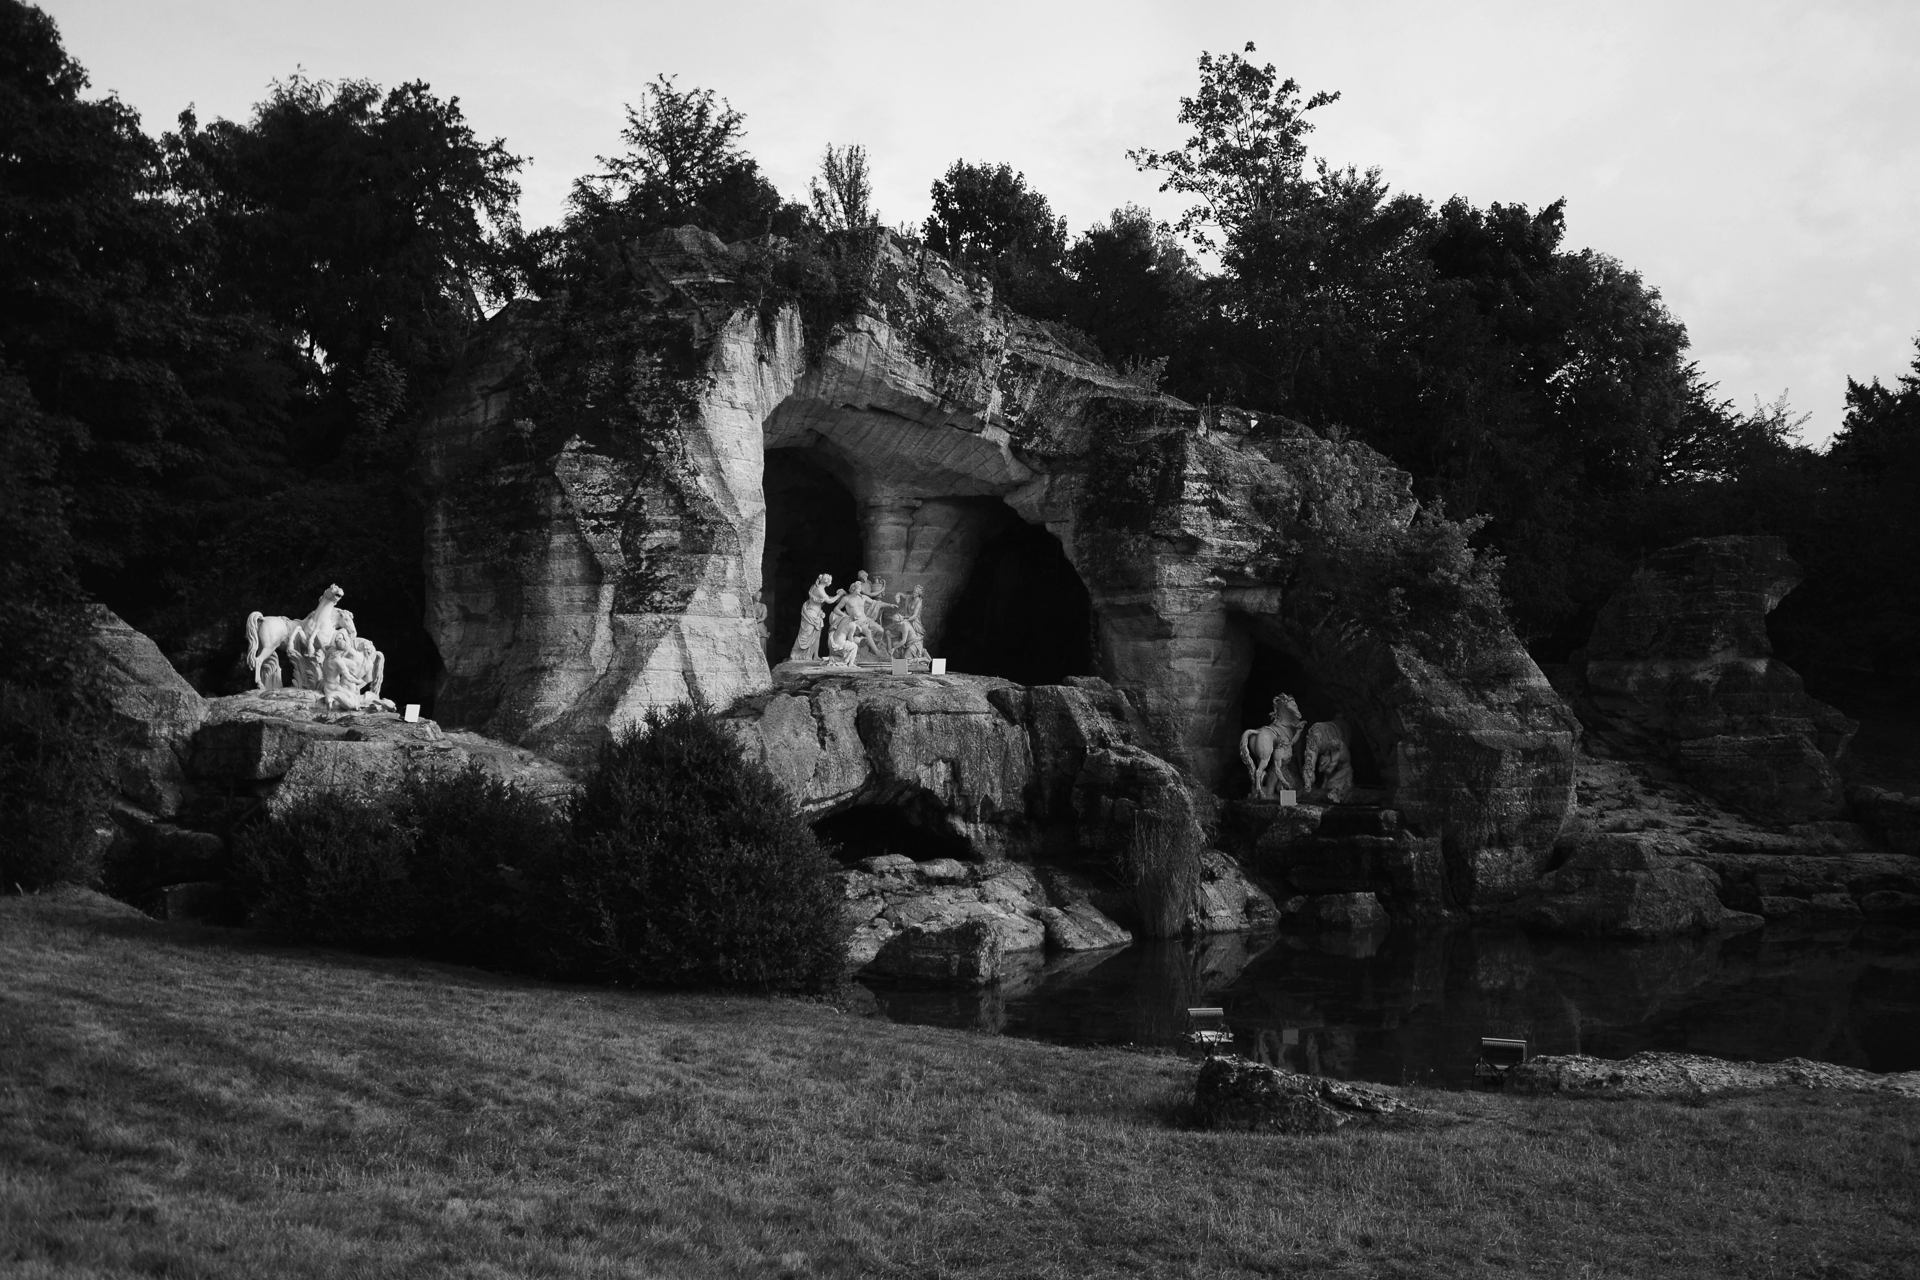 Grotte scénique